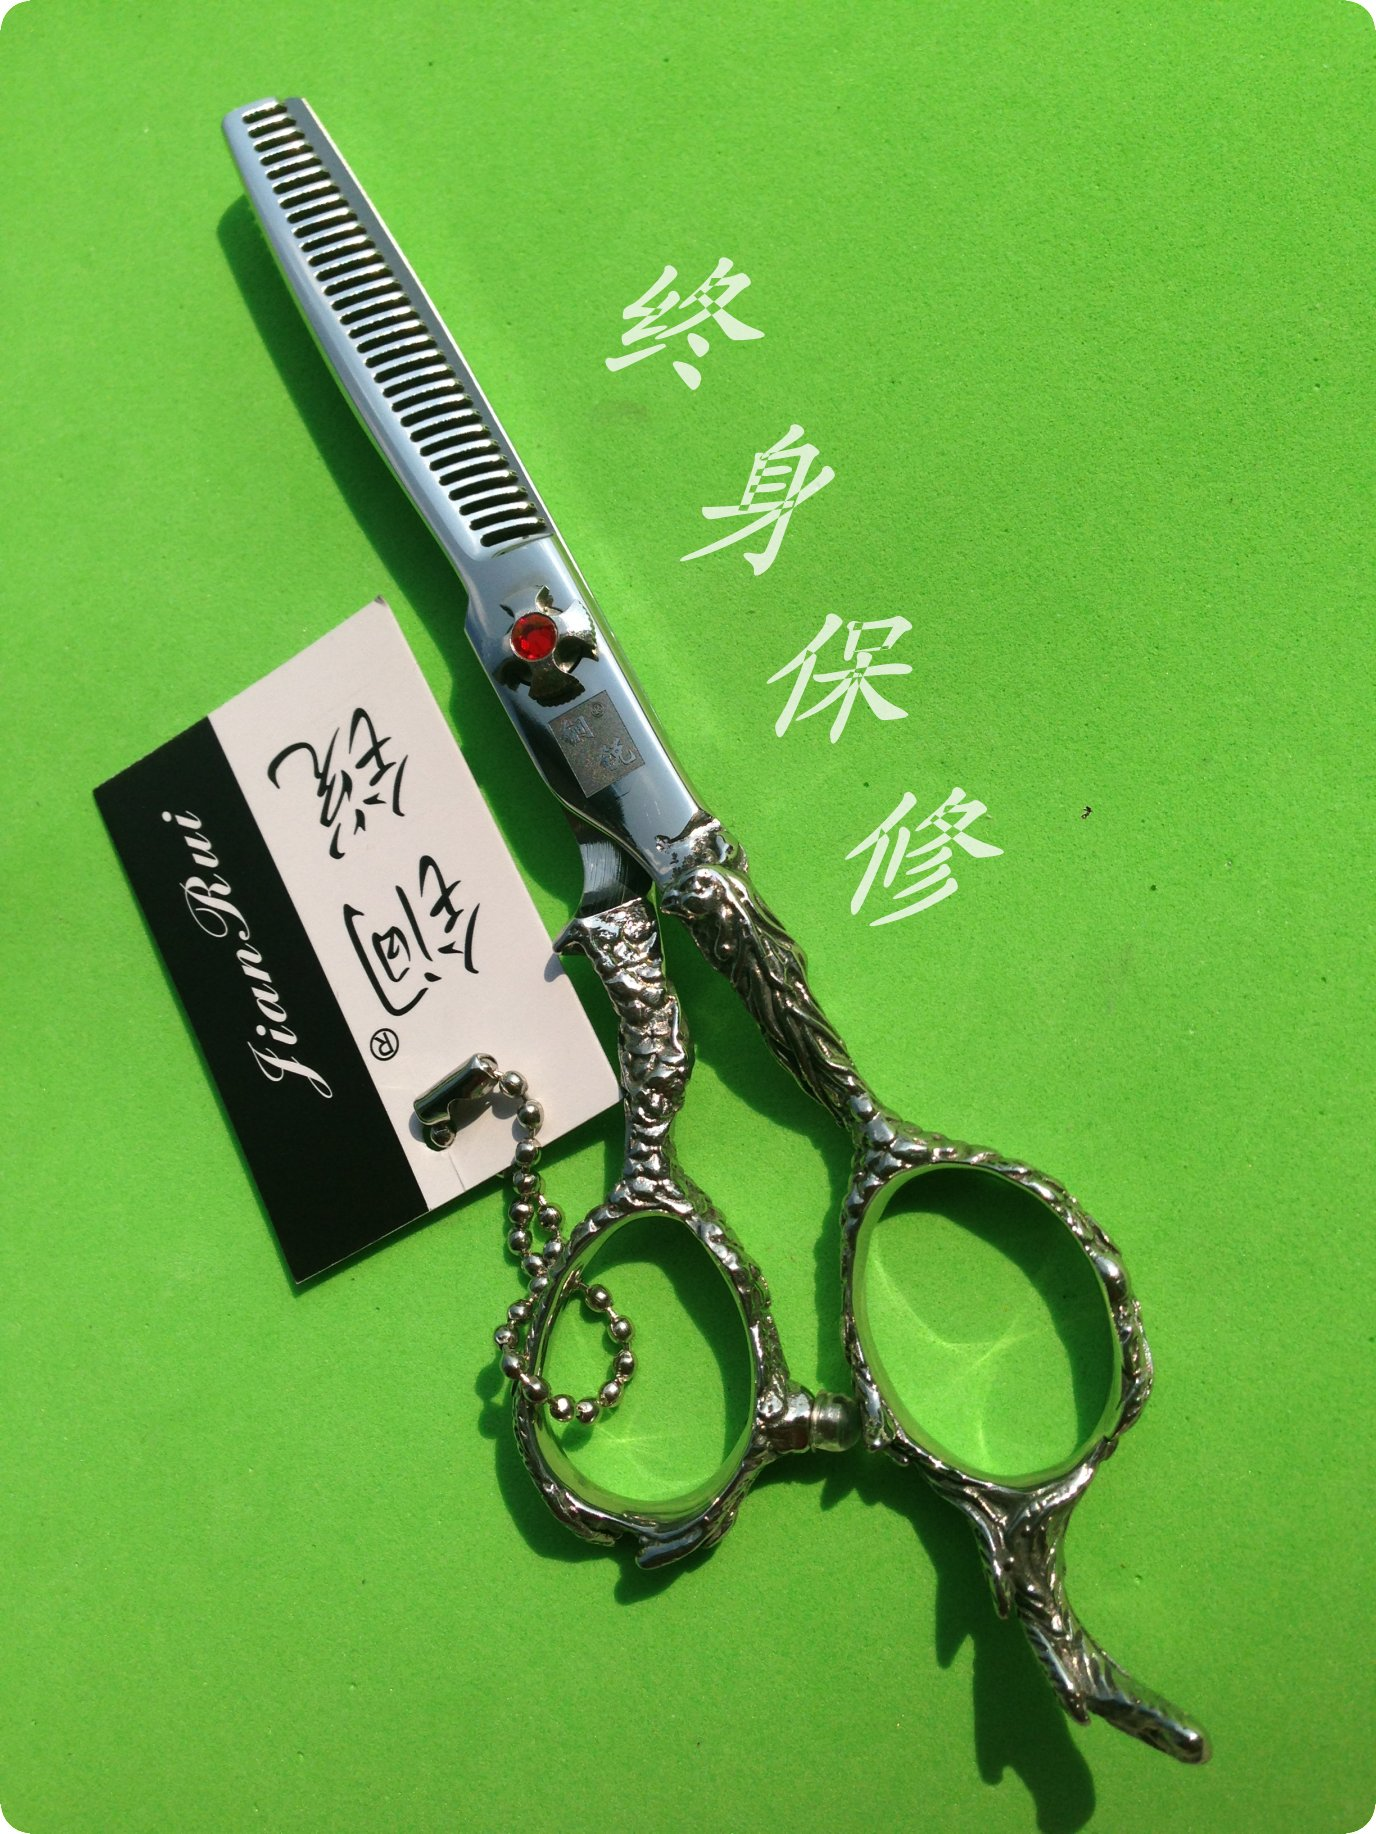 Ножницы парикмахерские Sharp jianrui Hg/530 5.5-6.5